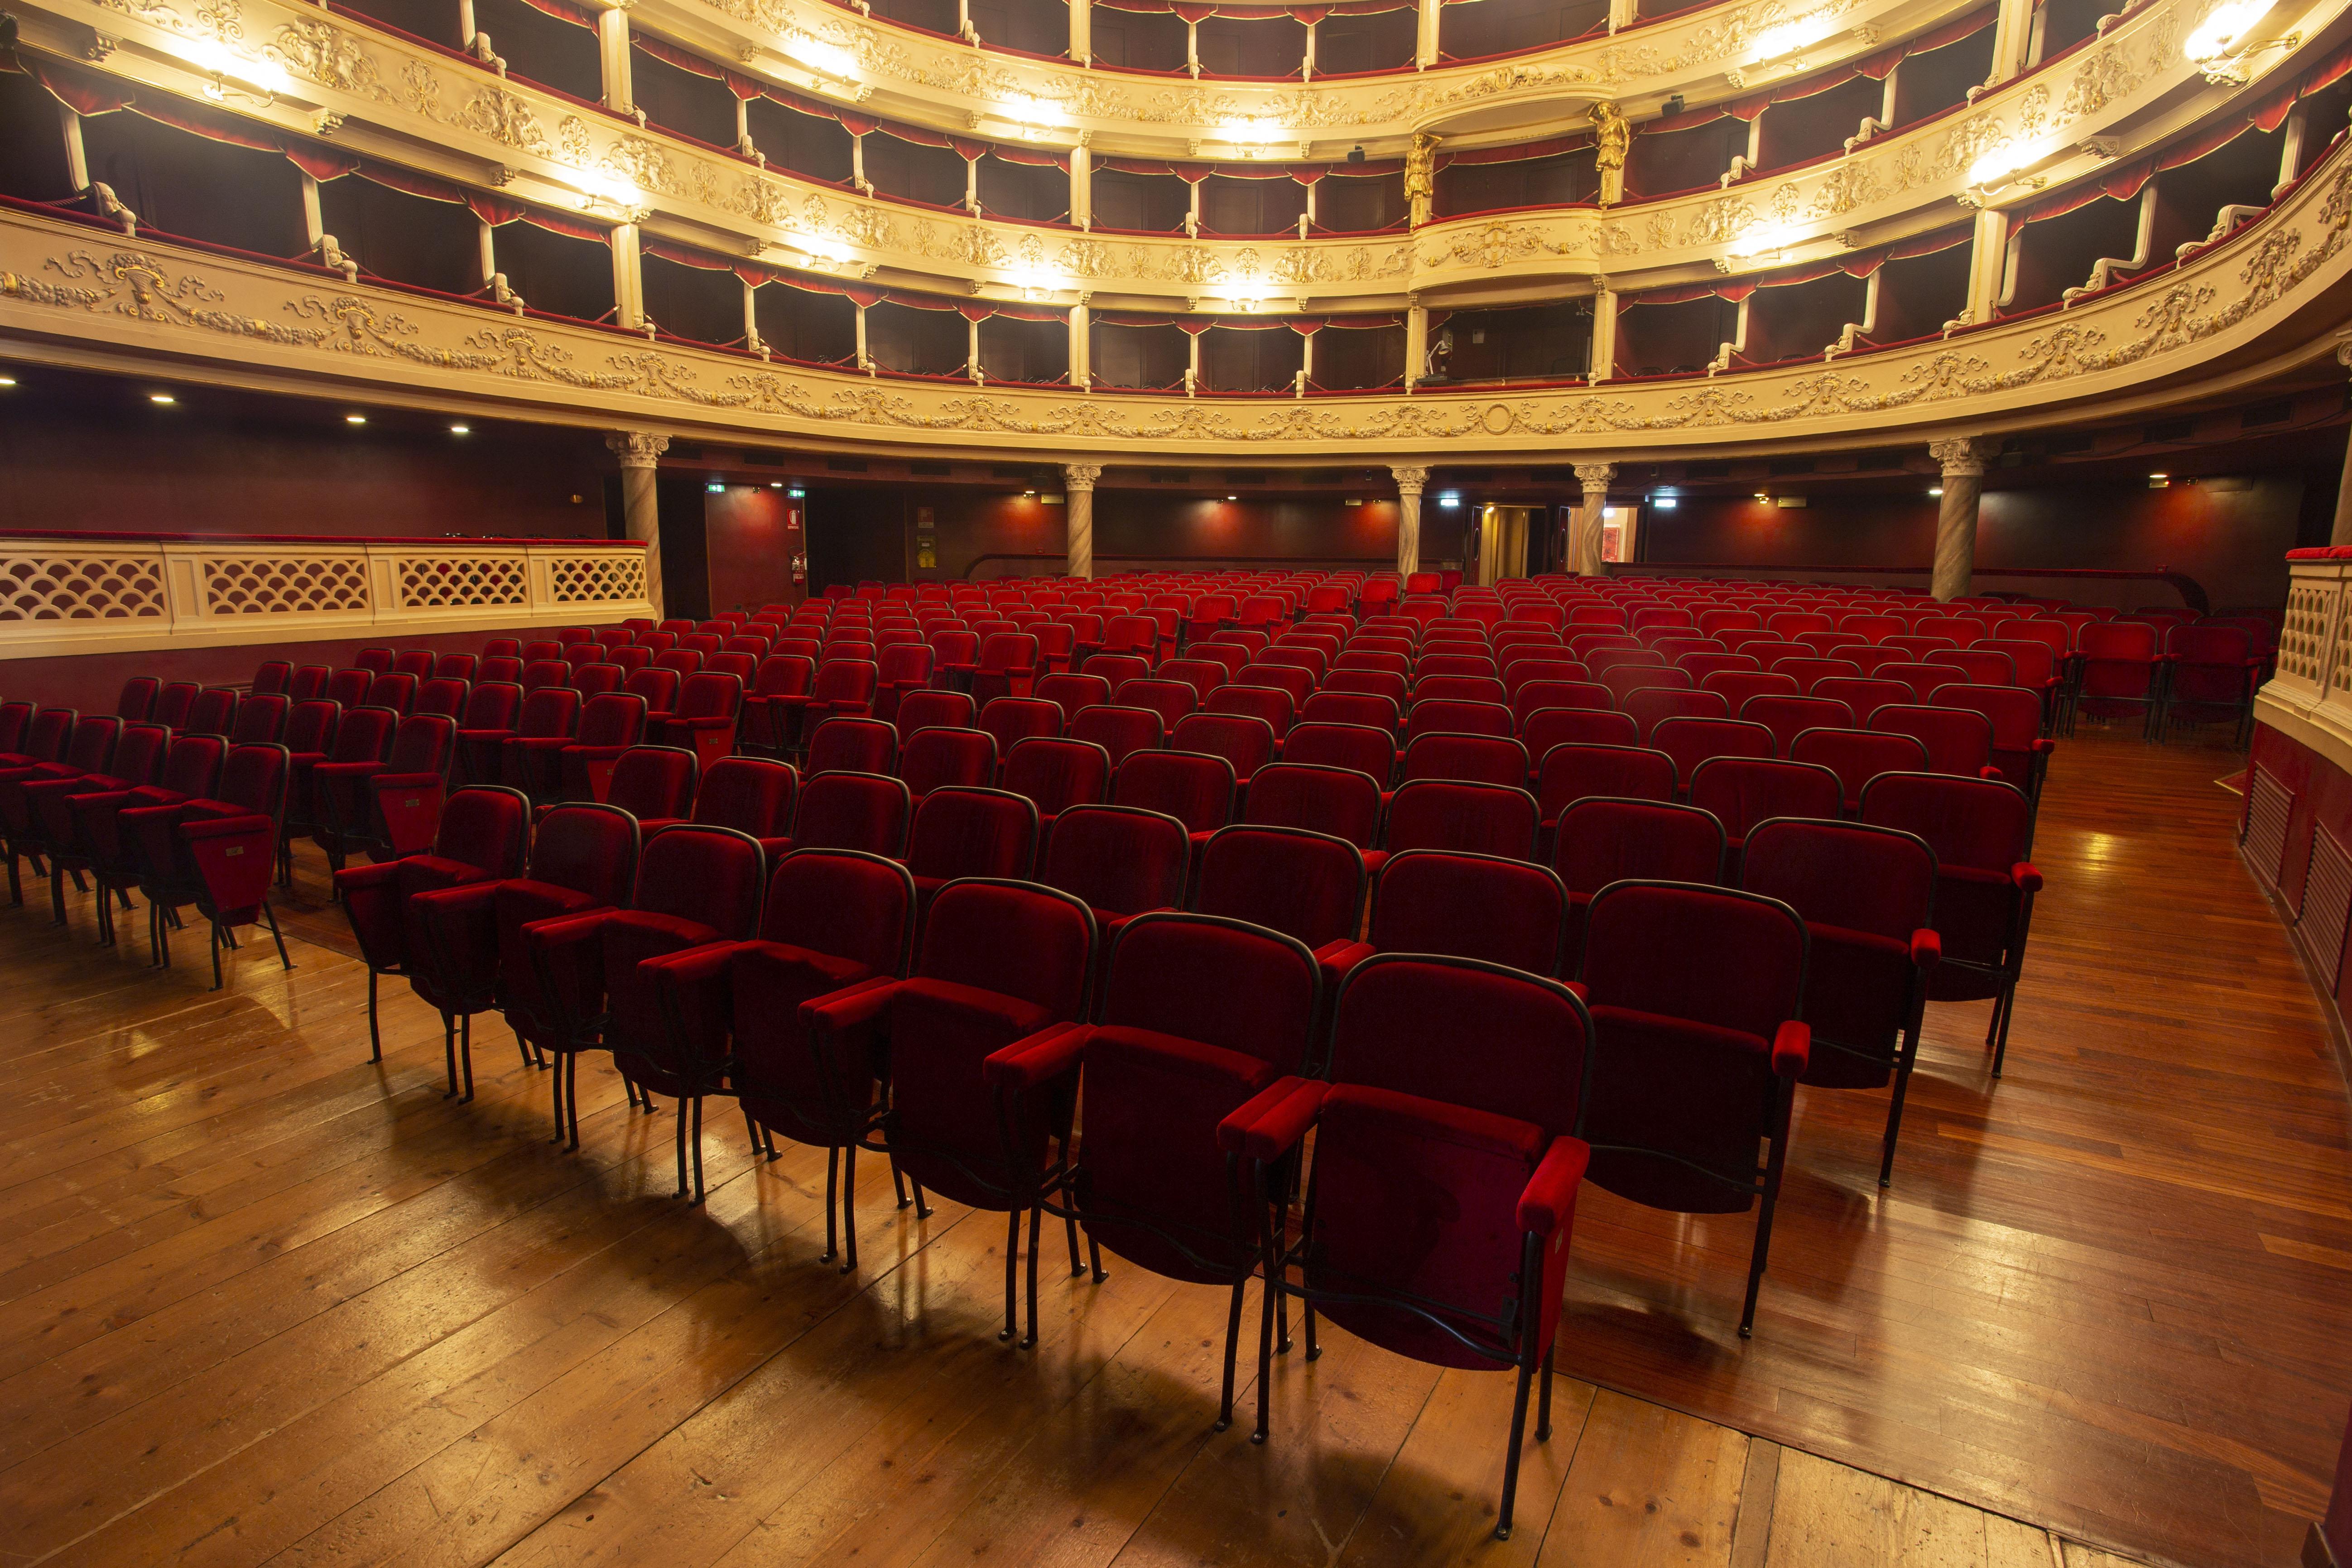 Teatro Le Sedie.File Sedie Del Teatro Jpg Wikimedia Commons